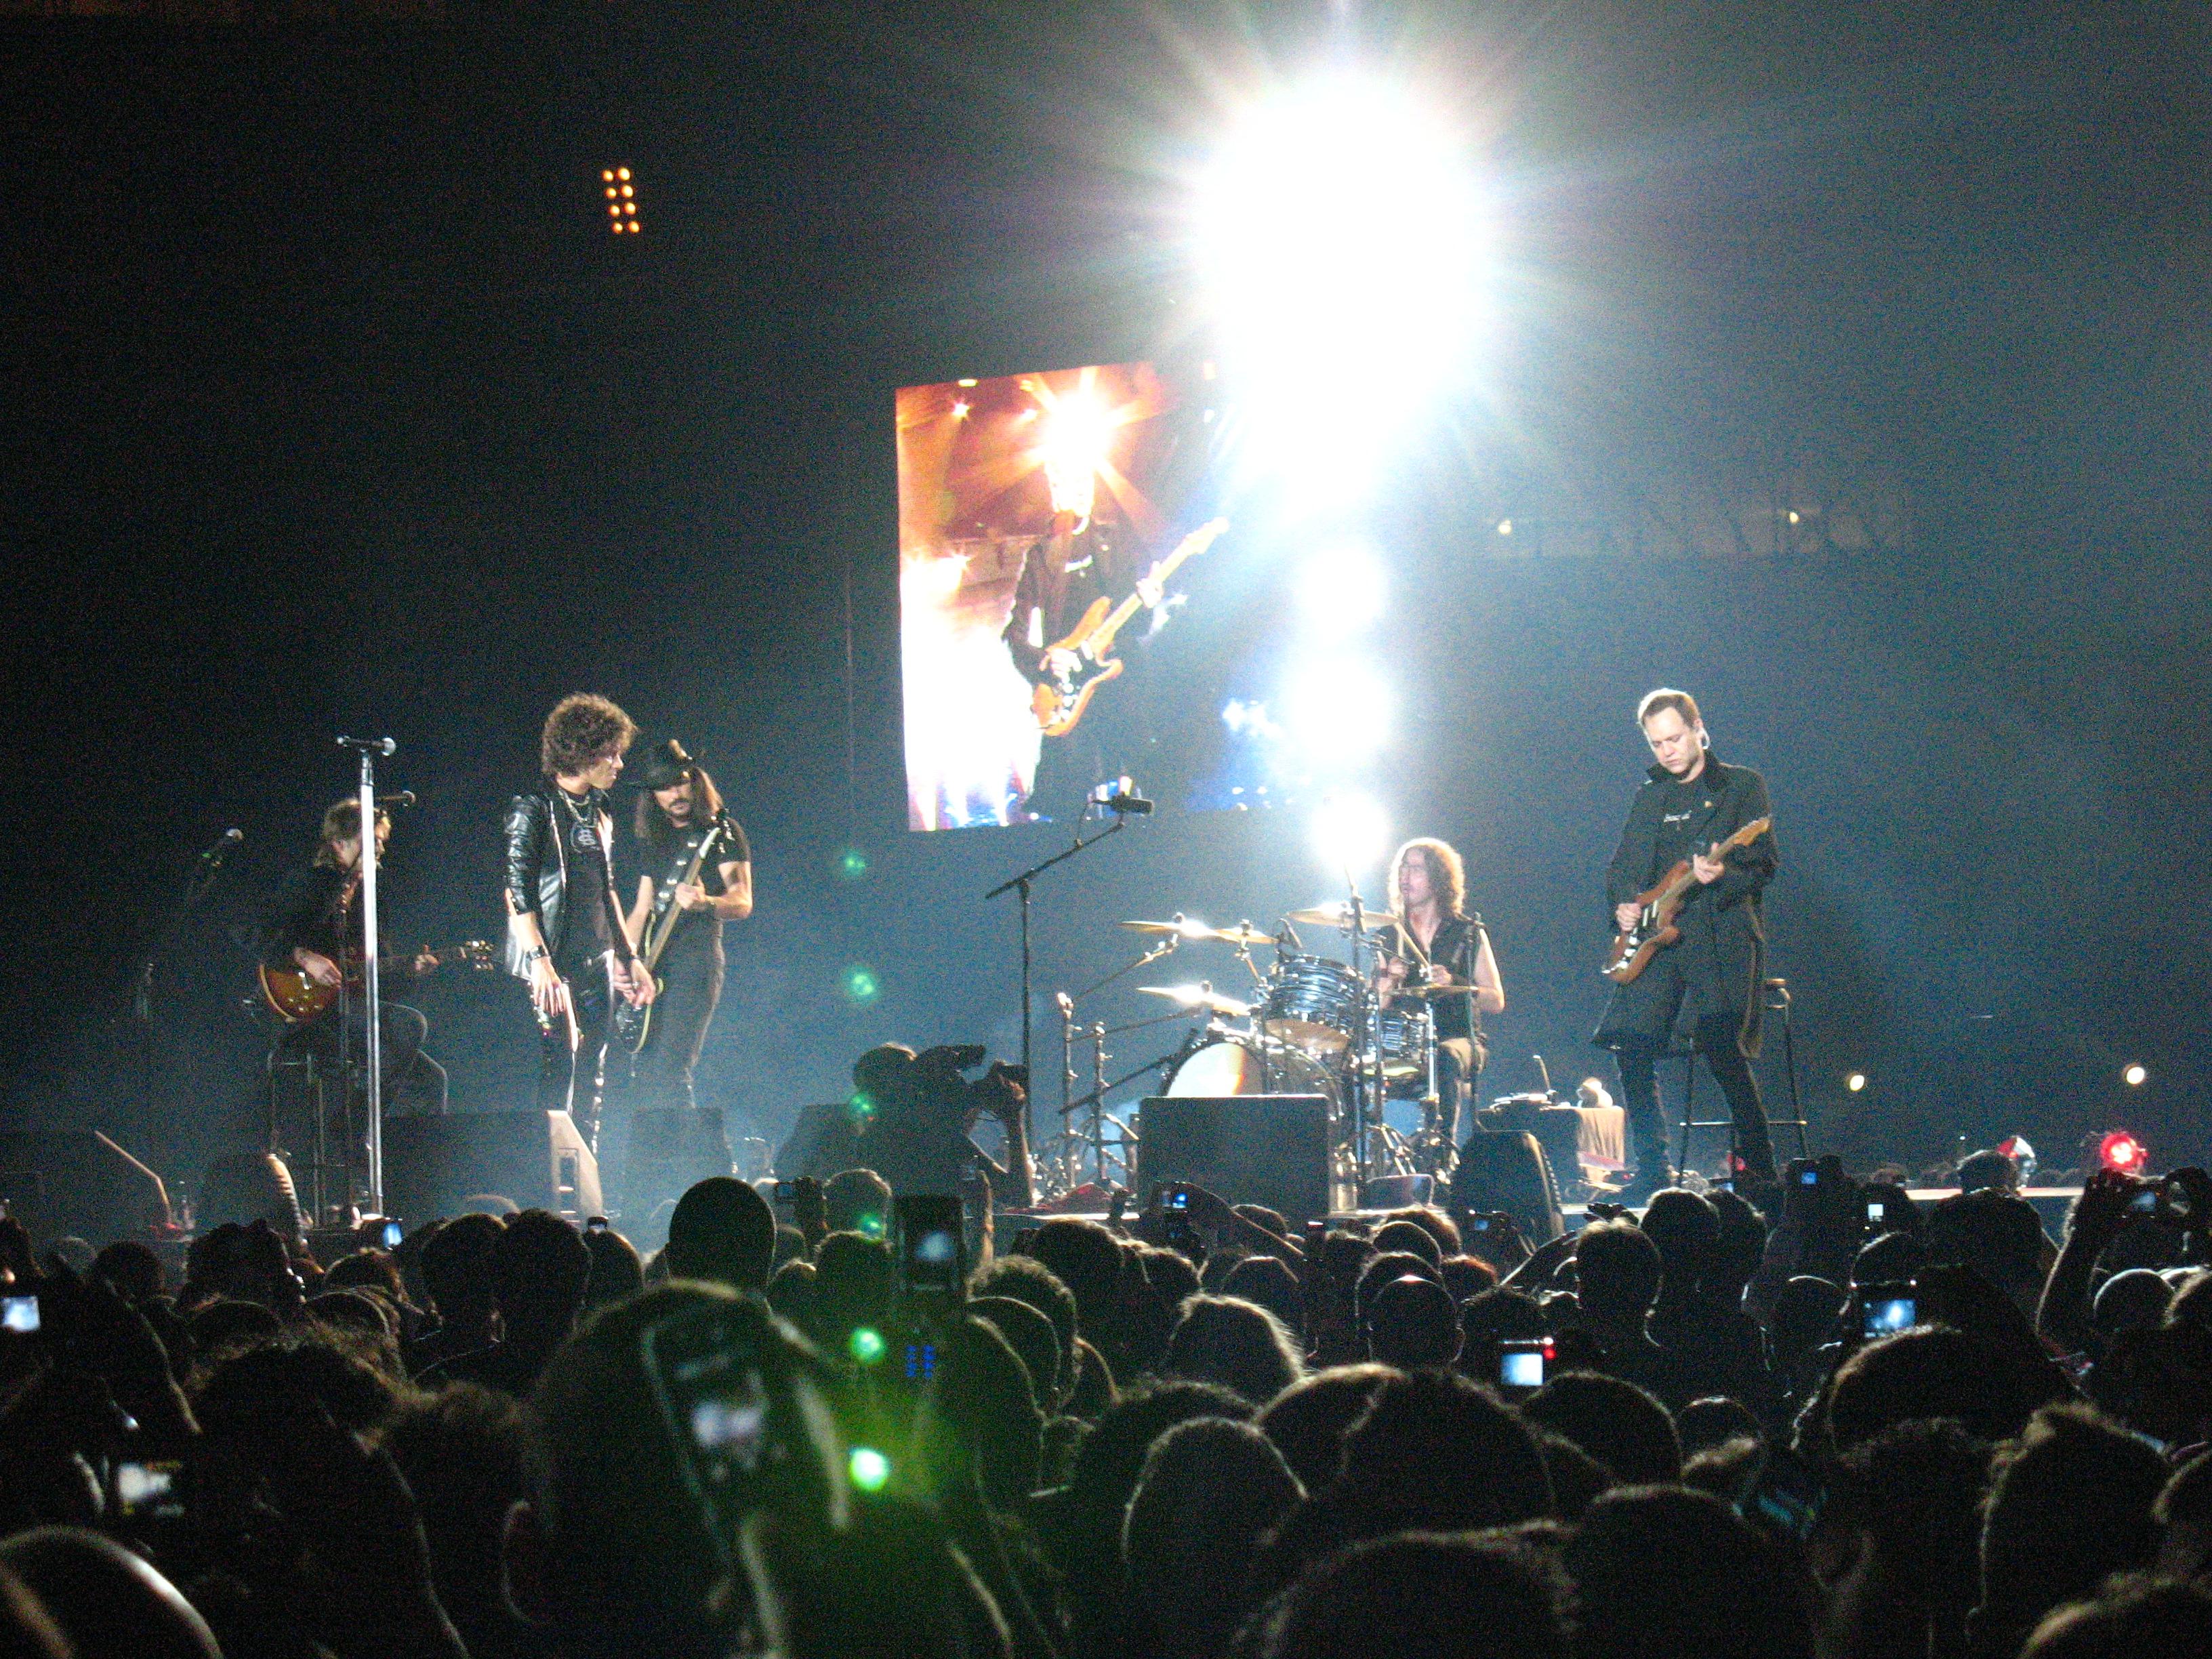 Bunbury al frente de Héroes del Silencio en el concierto de la banda en Sevilla en octubre de 2007.